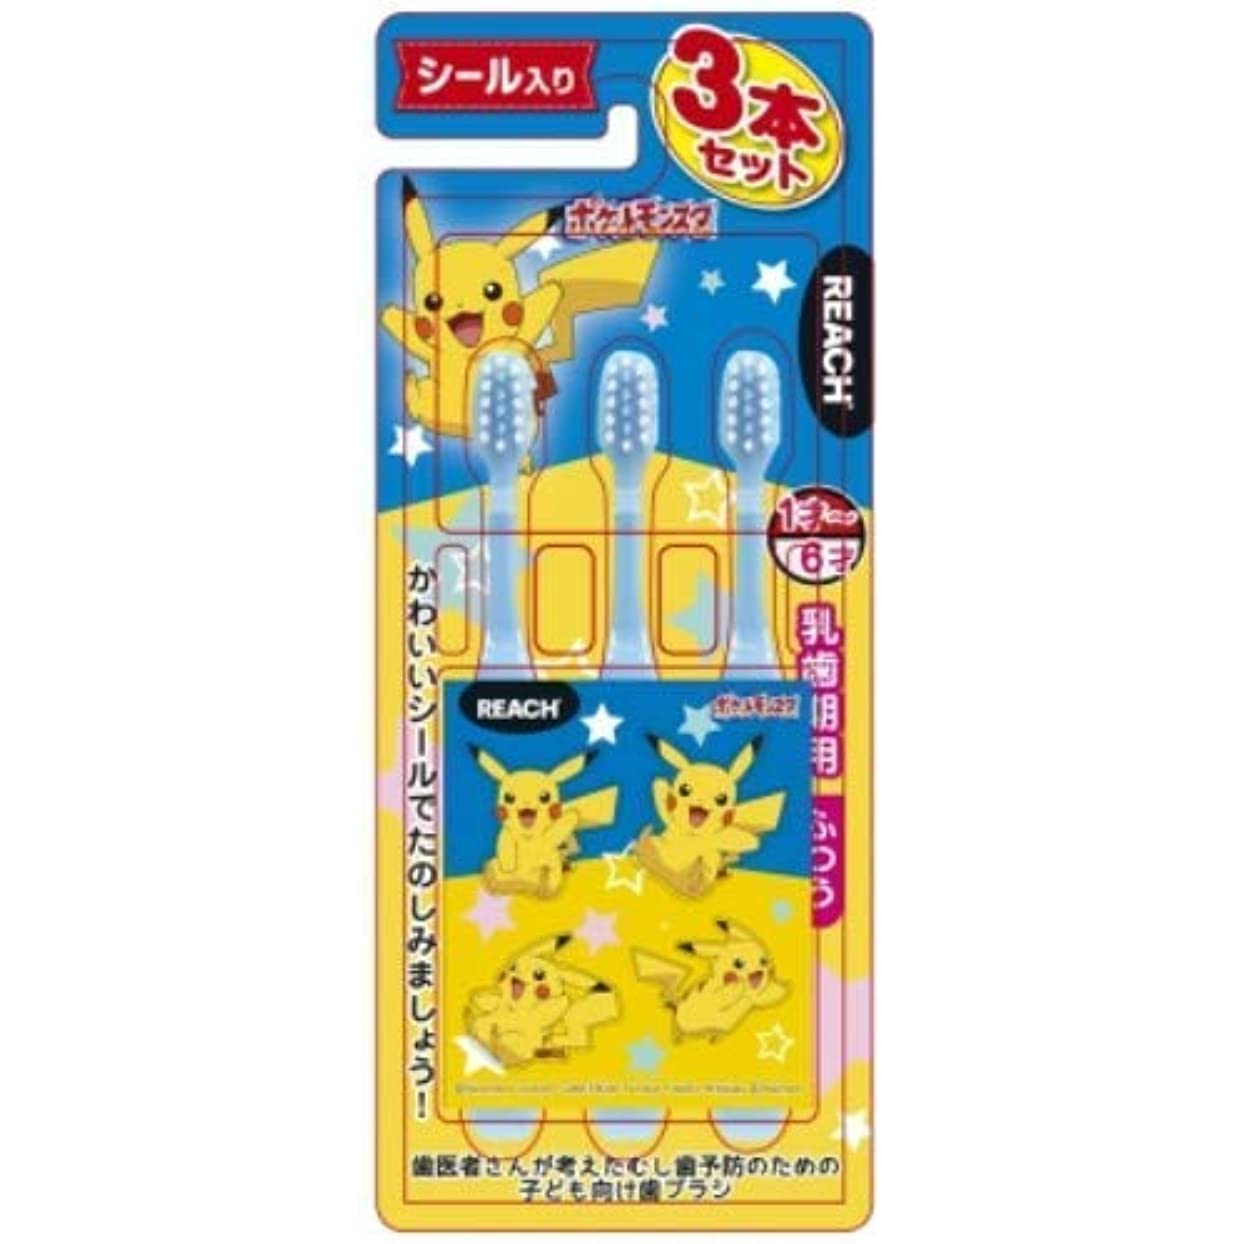 生まれ端広告するリーチキッズ3本(シール入り) ポケモン 乳歯期用 × 8個セット